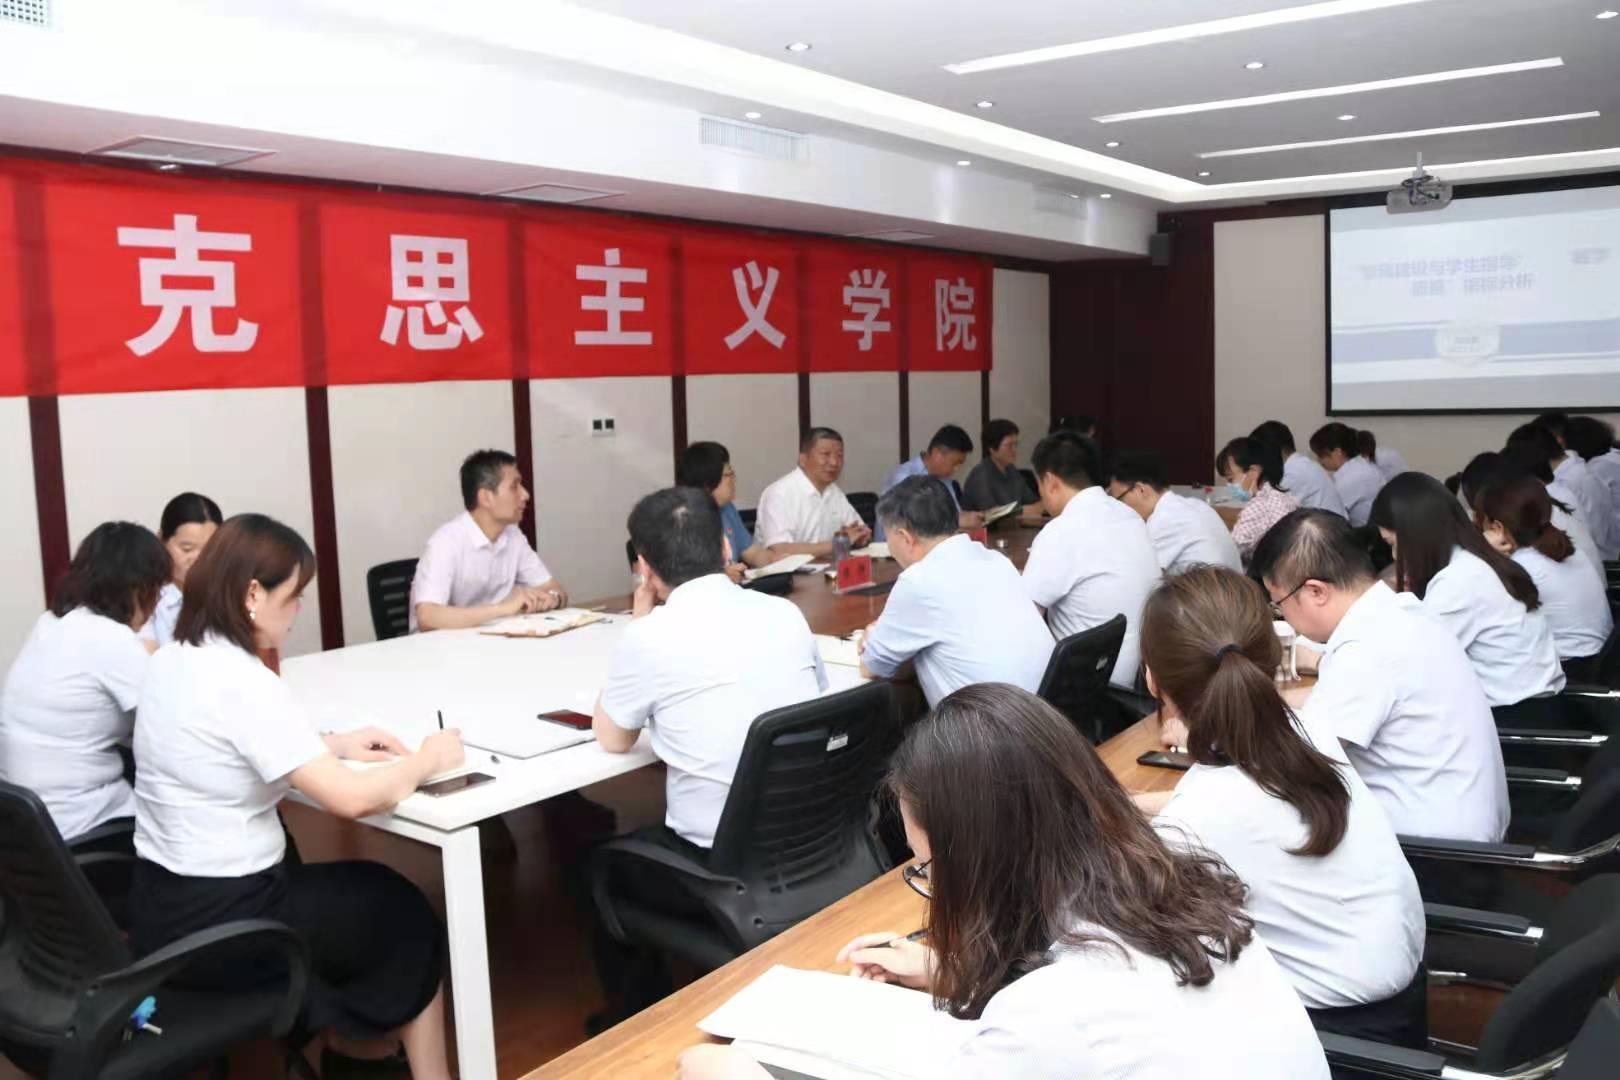 郑州财经学院继续推进评估指标内涵建设